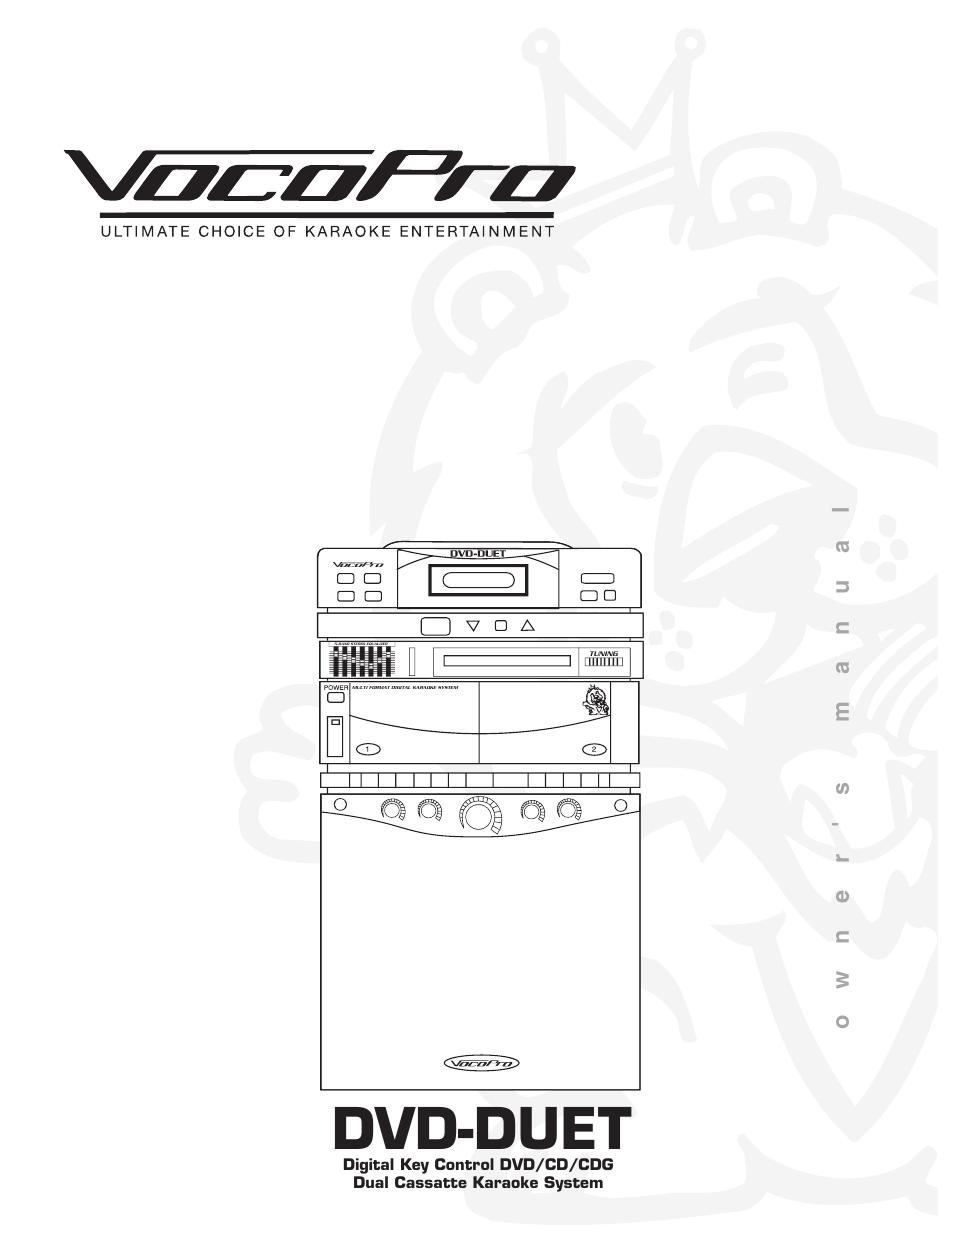 VocoPro DVD-Duet Multi Format Digital Karaoke System 5